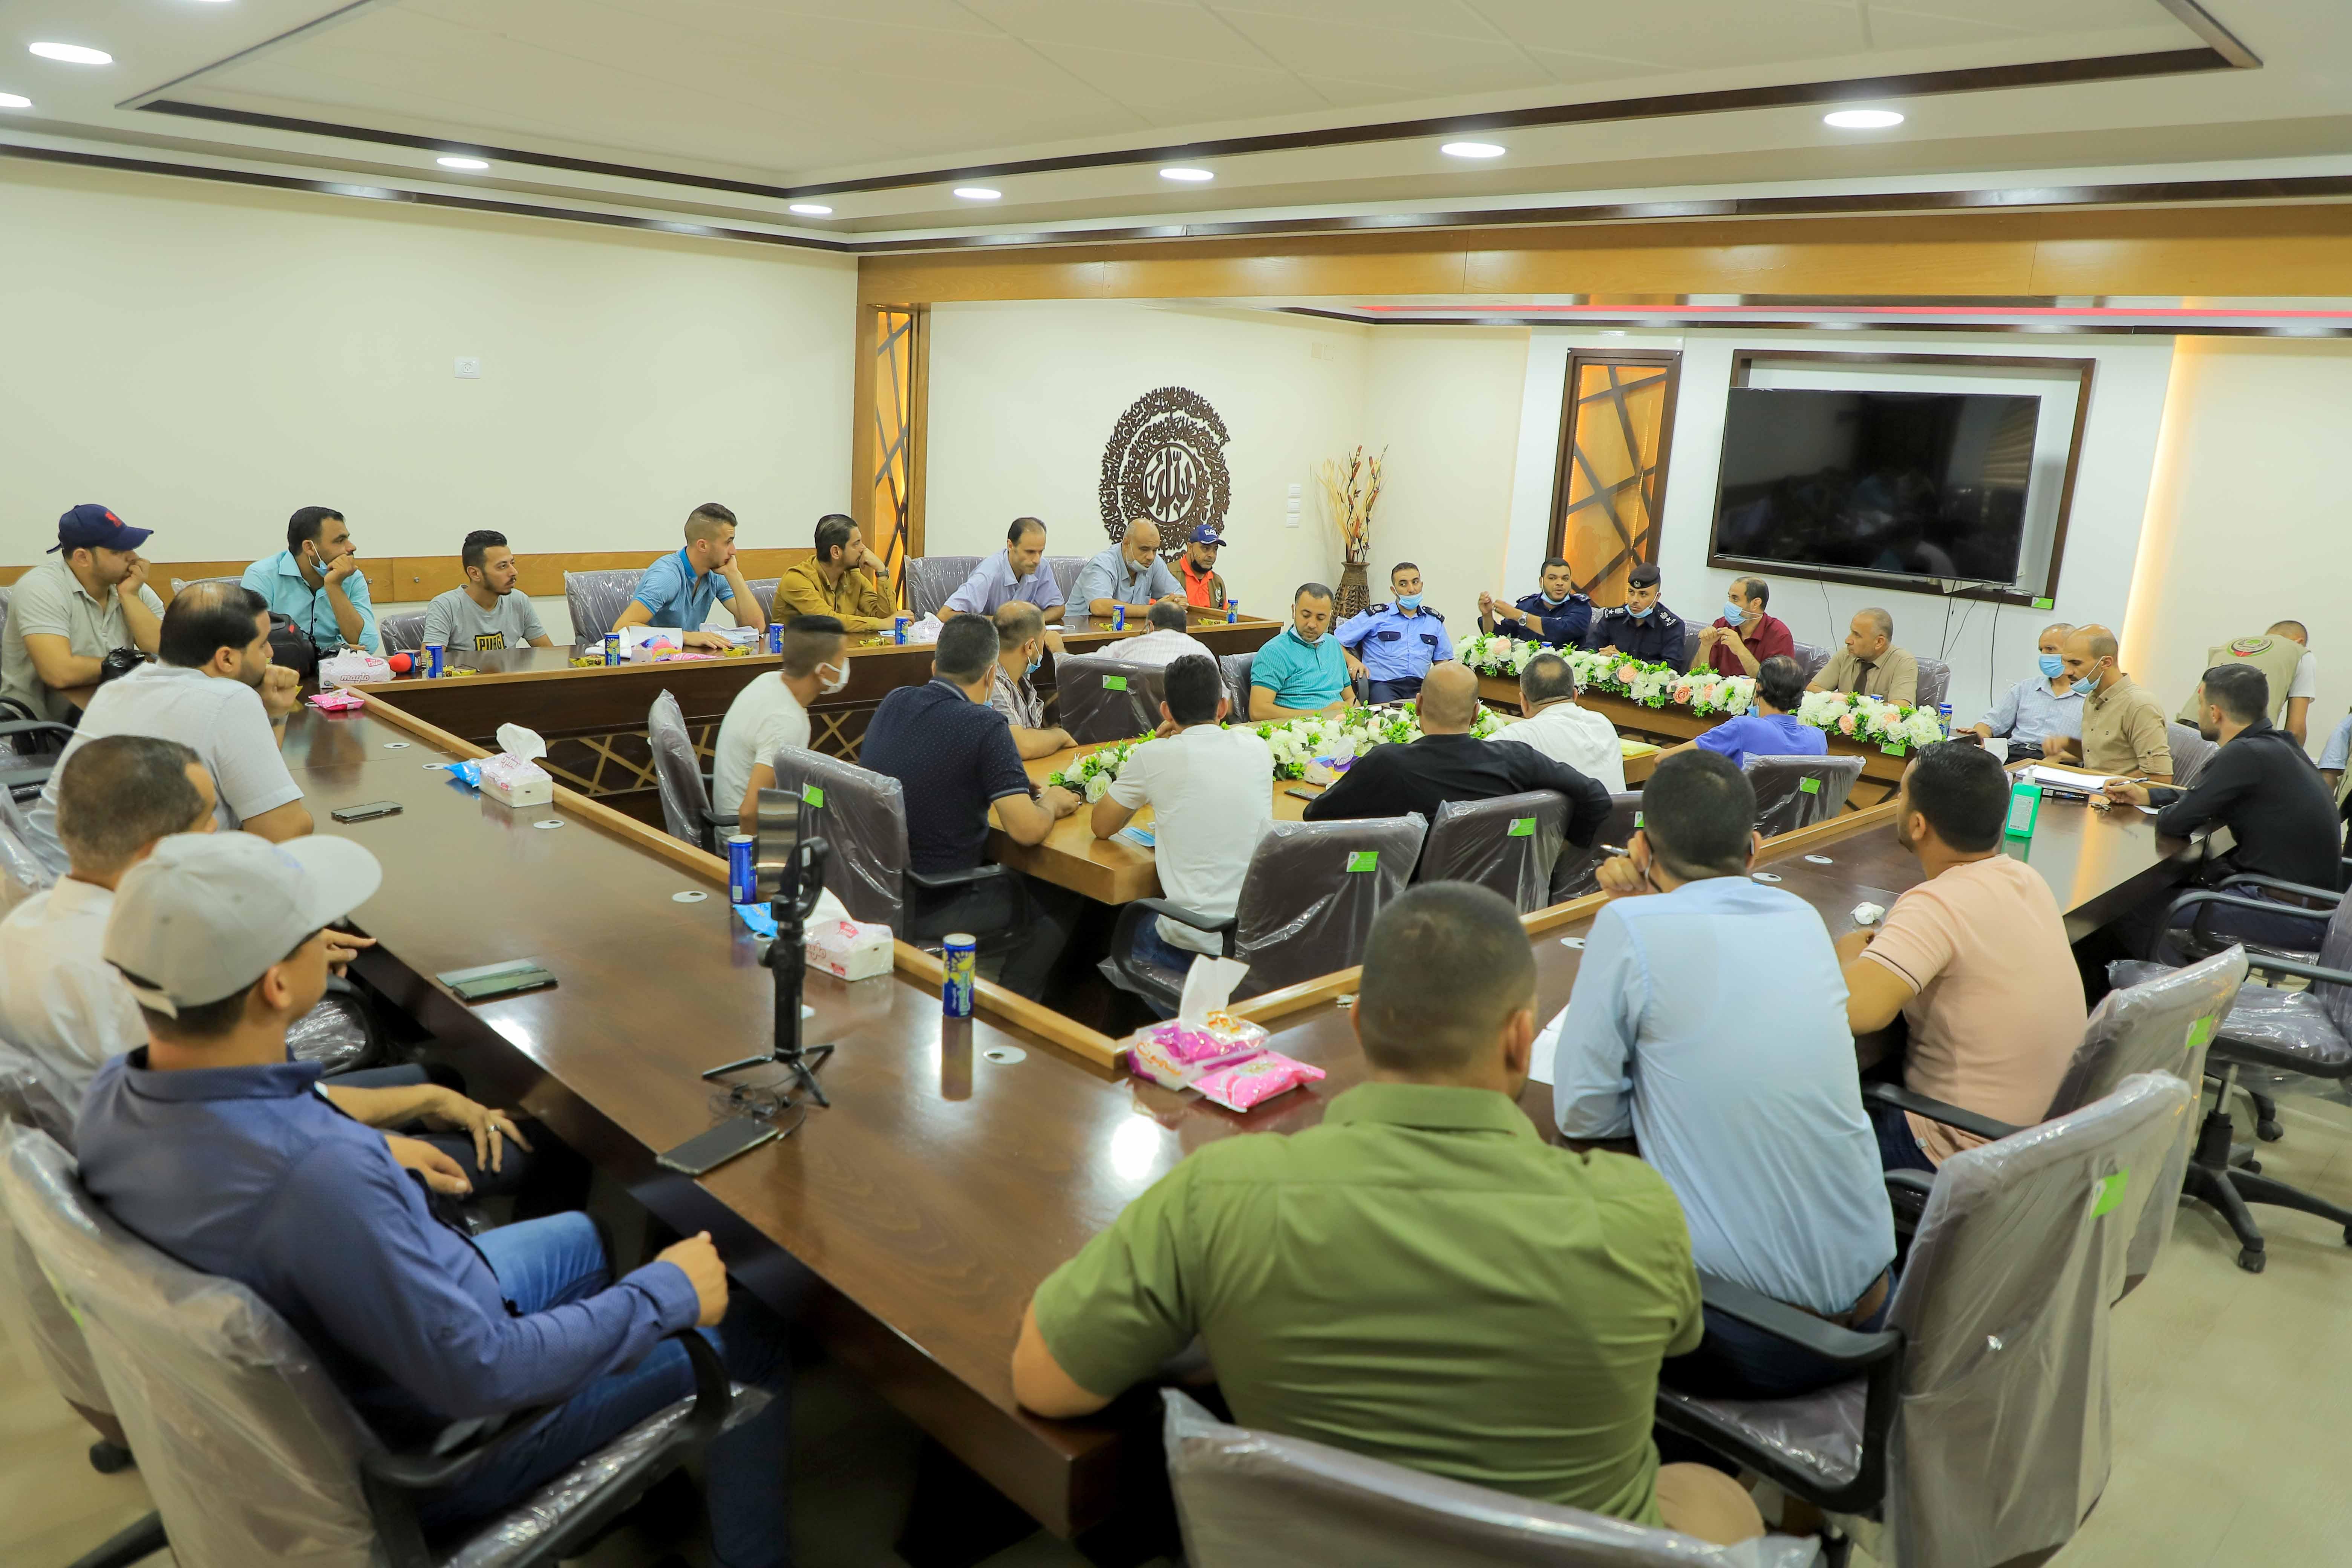 بلدية رفح تجتمع بأصحاب بسطات شارع أبو بكر الصديق وسط المدينة